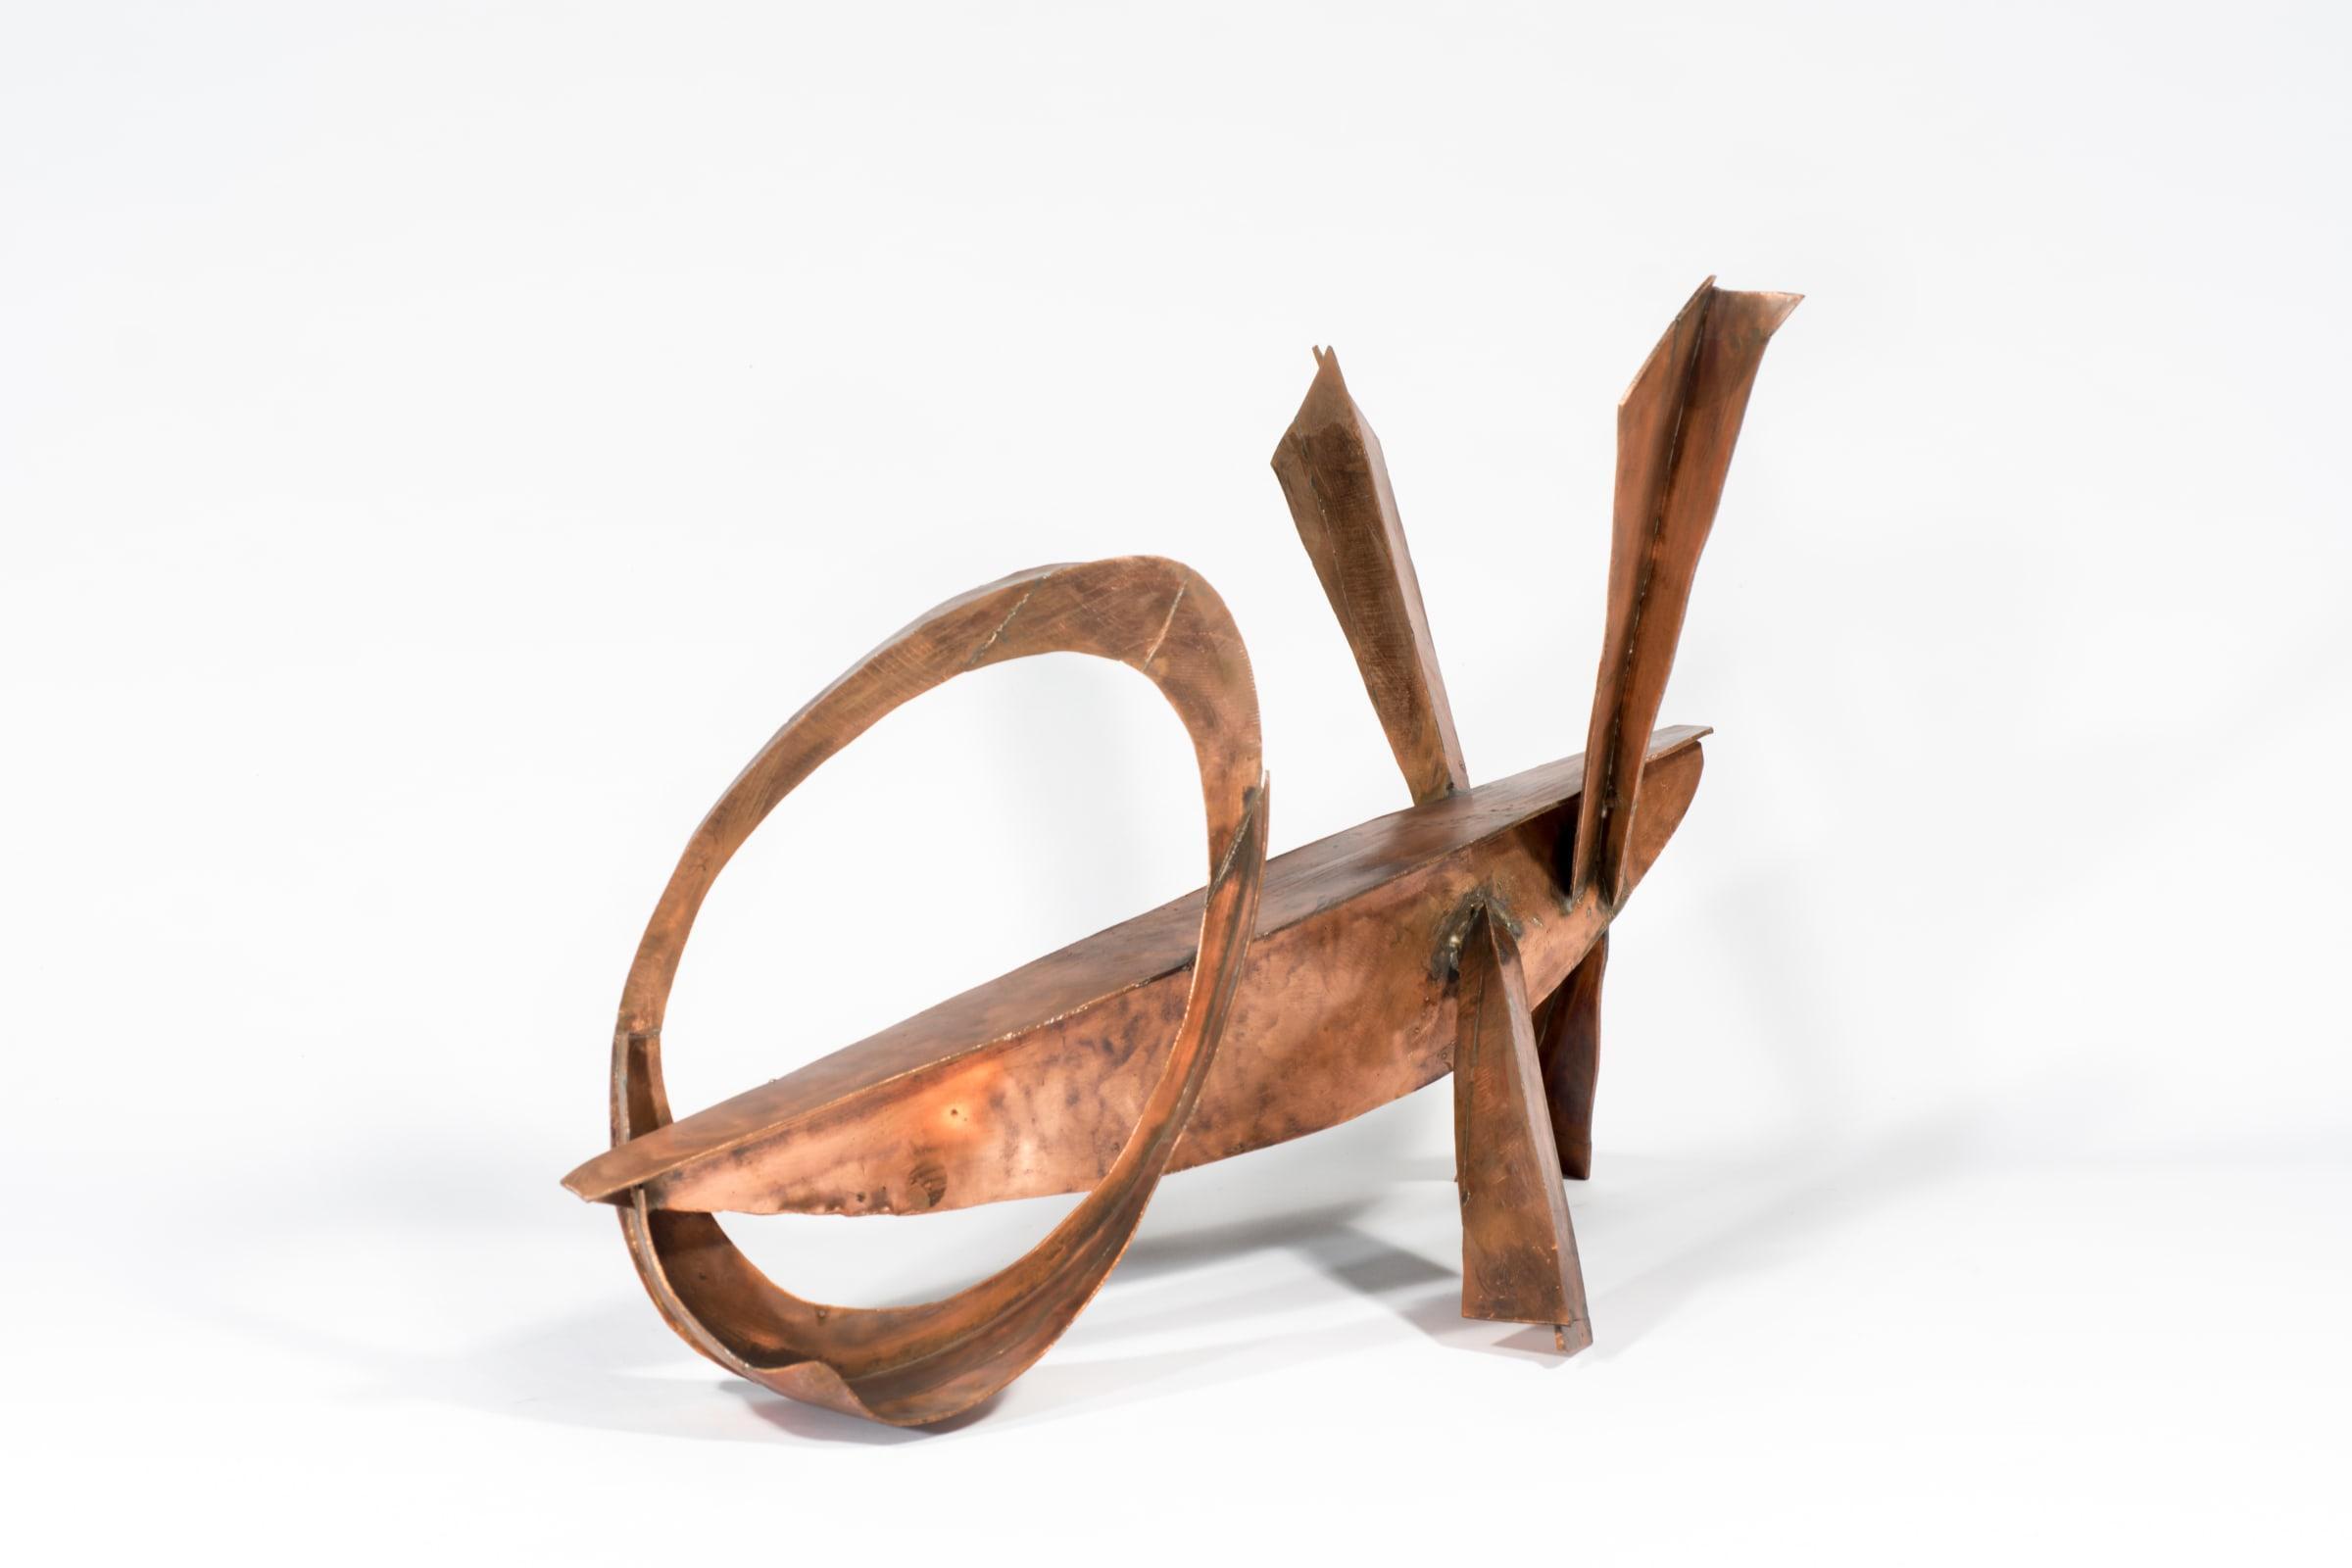 """<span class=""""link fancybox-details-link""""><a href=""""/artists/79-herbert-ferber/works/1662-herbert-ferber-atlantis-i-1972/"""">View Detail Page</a></span><div class=""""artist""""><strong>Herbert Ferber</strong></div> <div class=""""title""""><em>Atlantis I</em>, 1972</div> <div class=""""medium"""">rame</div> <div class=""""dimensions"""">cm 38,1x53,3x40,7</div>"""